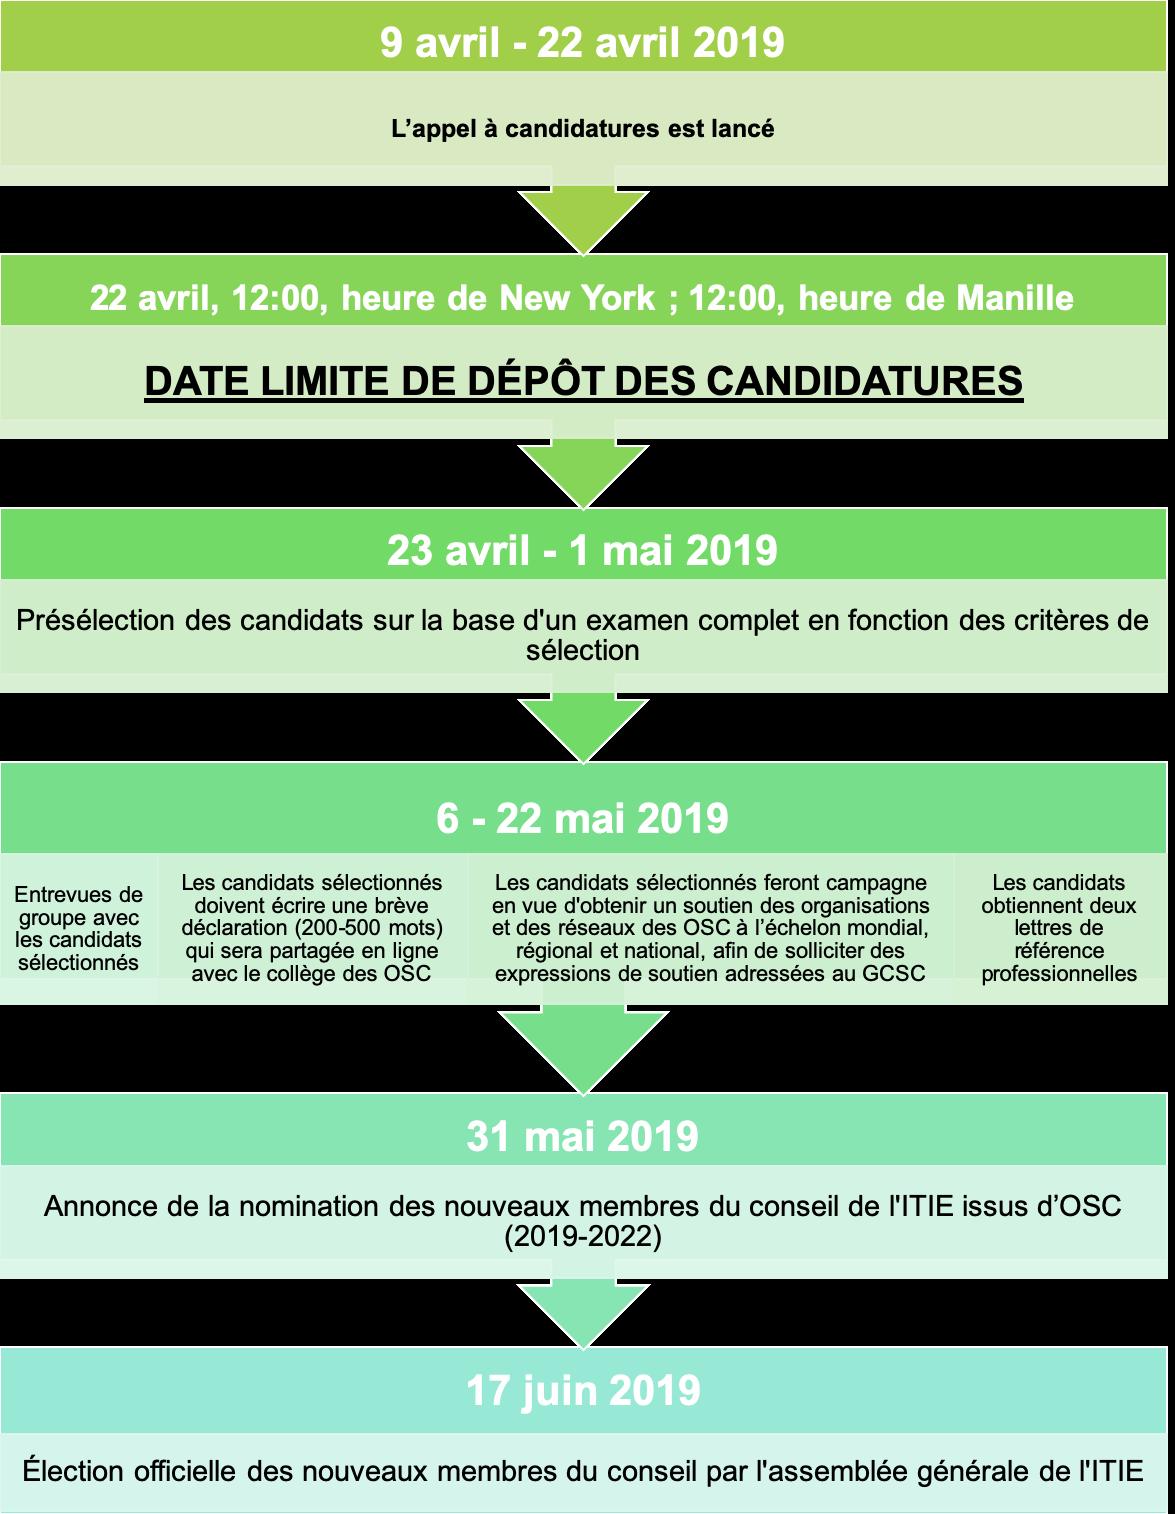 Calendrier Concours Cso 2022 Sélection de représentants de la société civile pour siéger au